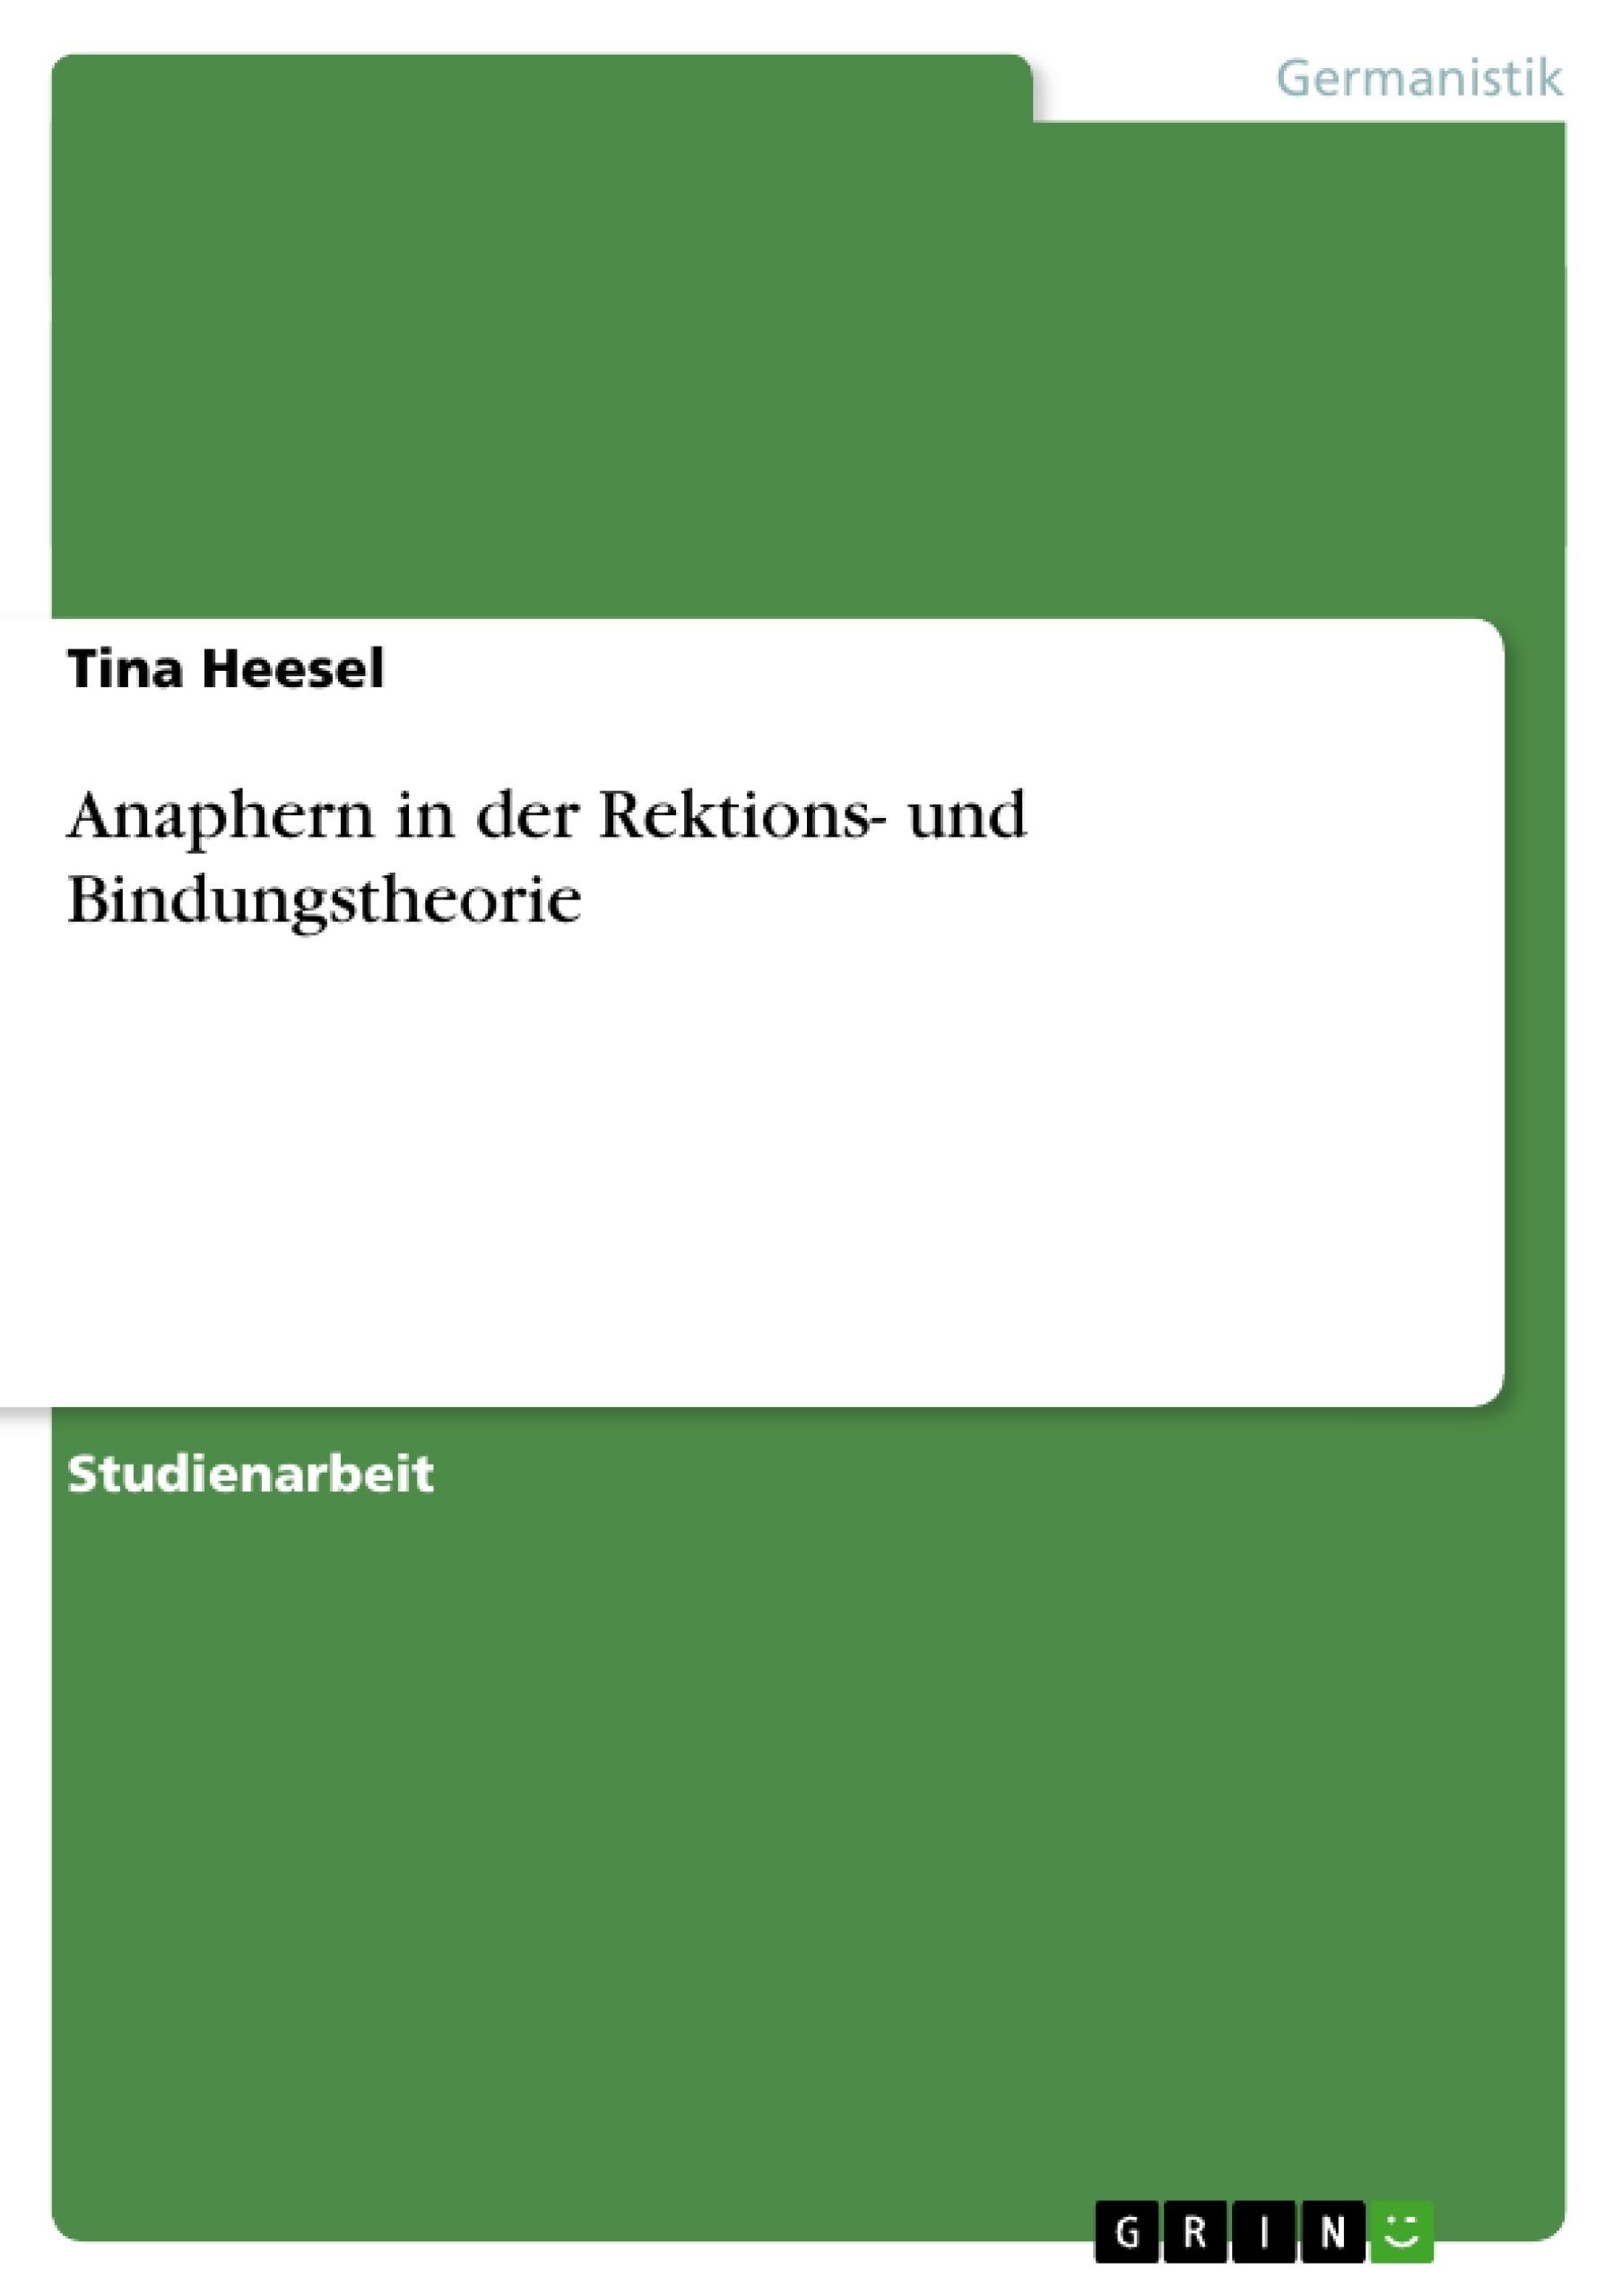 Titel: Anaphern in der Rektions- und Bindungstheorie